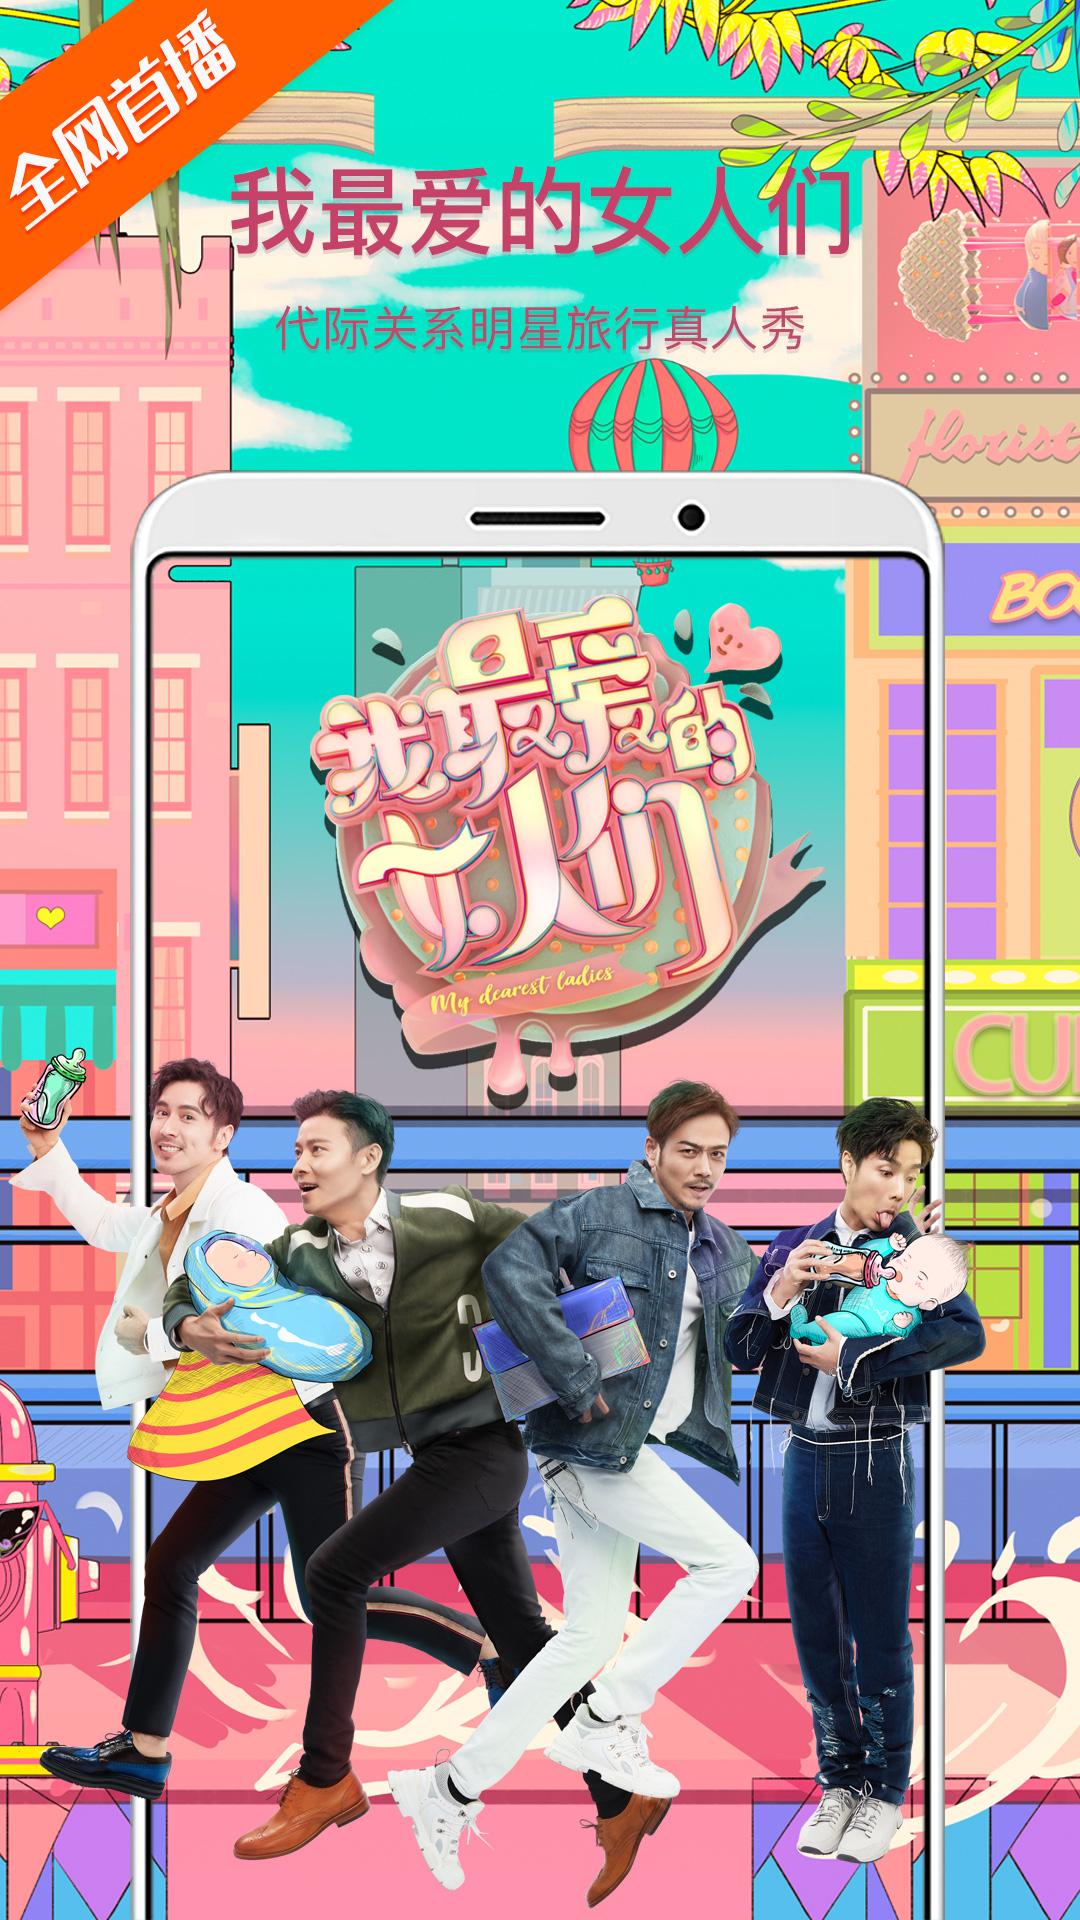 芒果台tv下载_2019芒果TVv6.3.3老旧历史版本安装包官方免费下载_豌豆荚